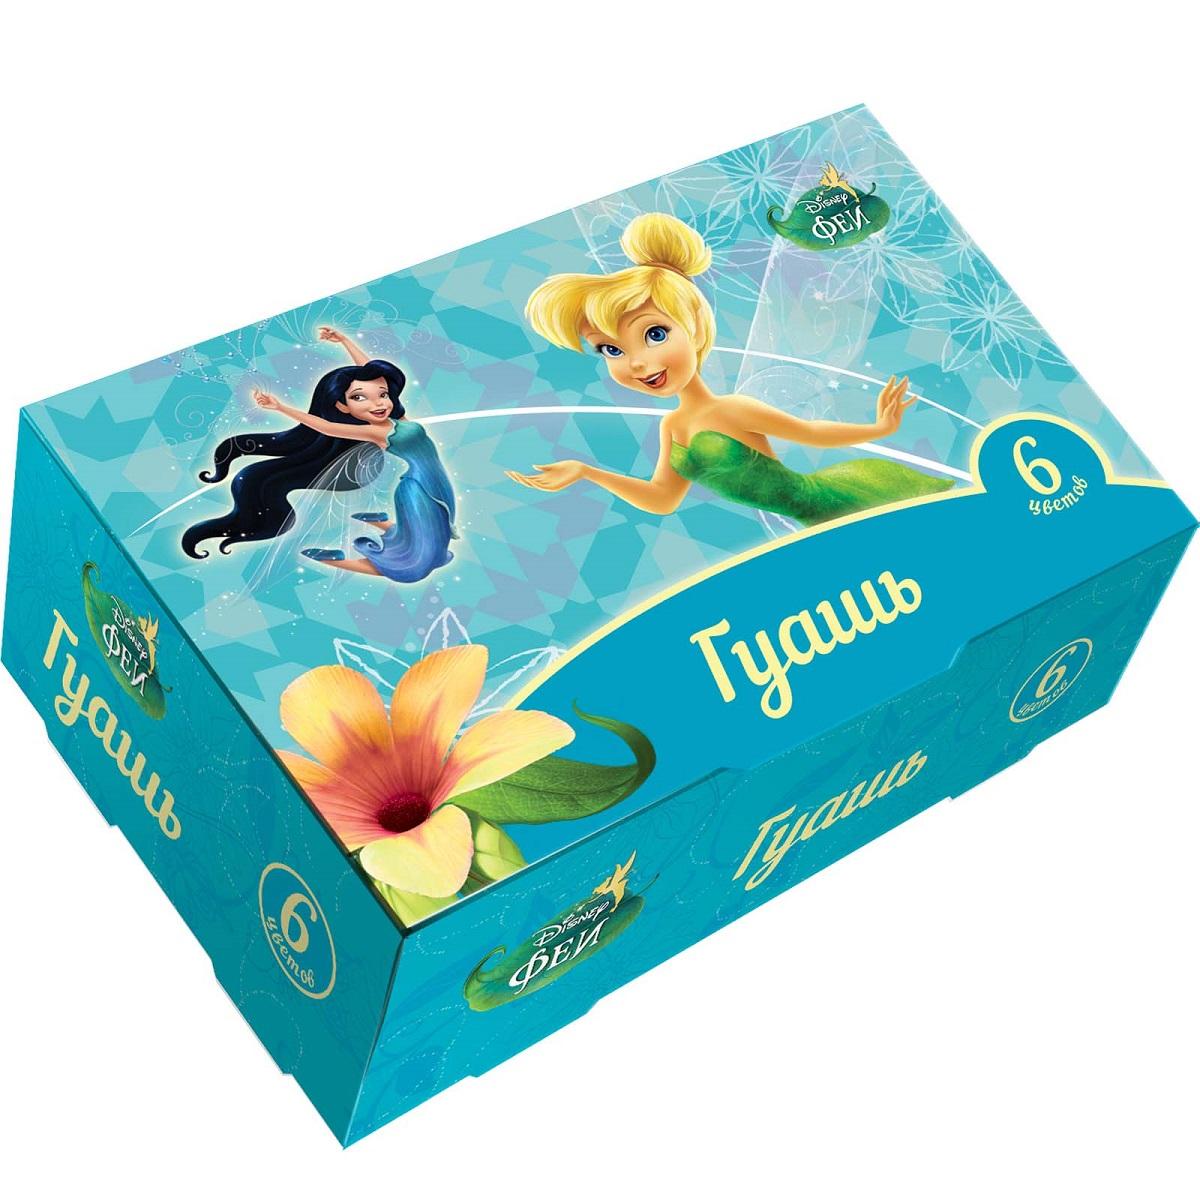 Disney Fairies Гуашь Феи 6 цветовFS-00103В наборе Disney. Феи 6 насыщенных цветов гуаши в прозрачных баночках по 17 мл с завинчивающимися крышками.Краска идеально подходит для рисования на бумаге, картоне, холсте, ткани и фанере: она хорошо размывается водой, легко наносится, при высыхании приобретает матовую, бархатистую поверхность. Гуашь легко смывается с рук и одежды, безопасна при использовании по назначению.